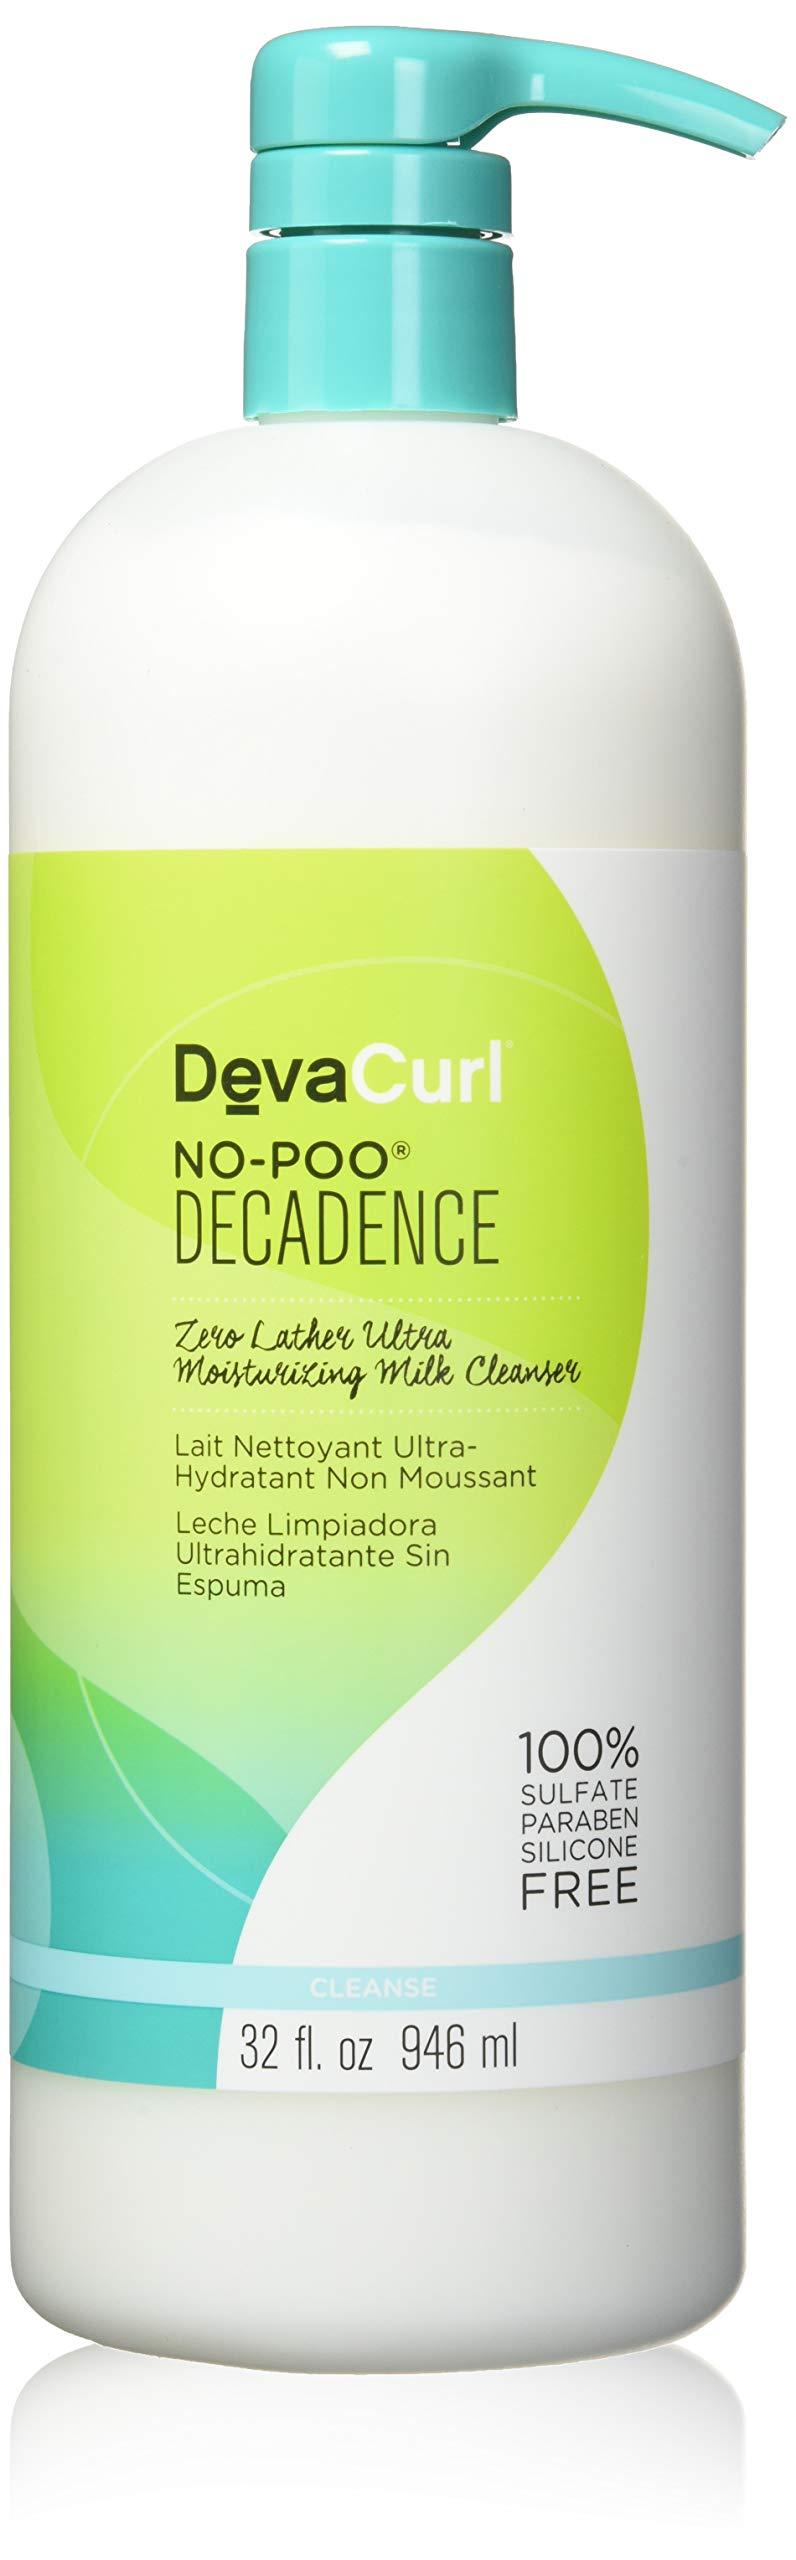 Devacurl No-Poo Decadence Milk Cleanser, 32oz by DevaCurl